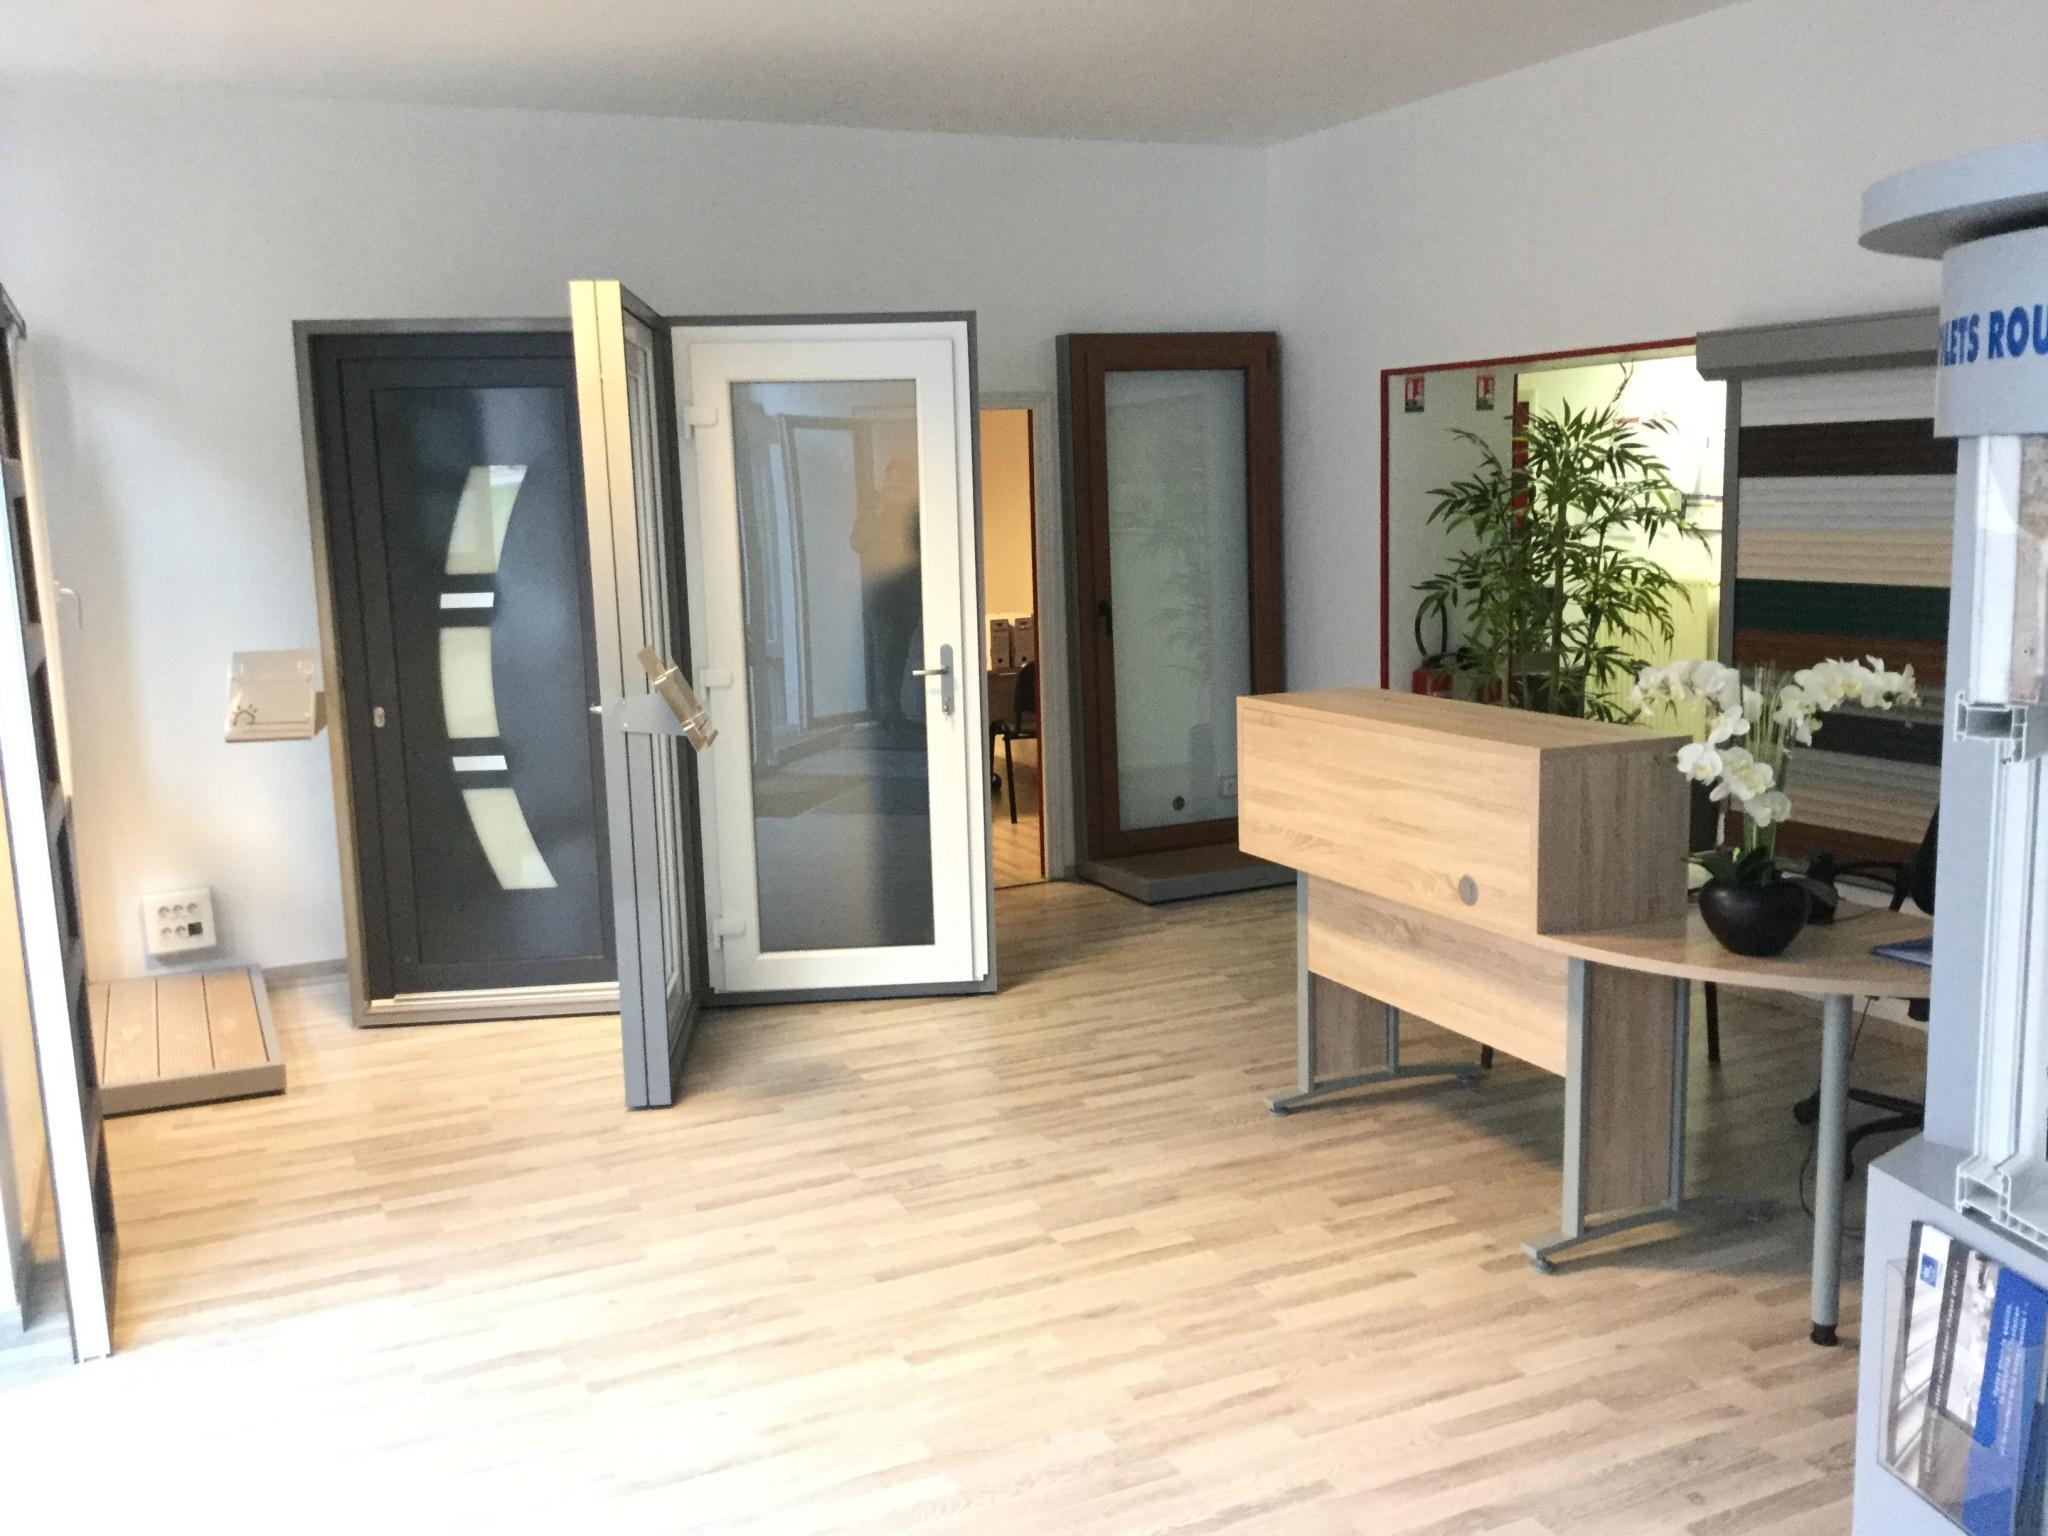 BELFORT secteur cinéma des quais - 85 m2, 5 pièces 107000